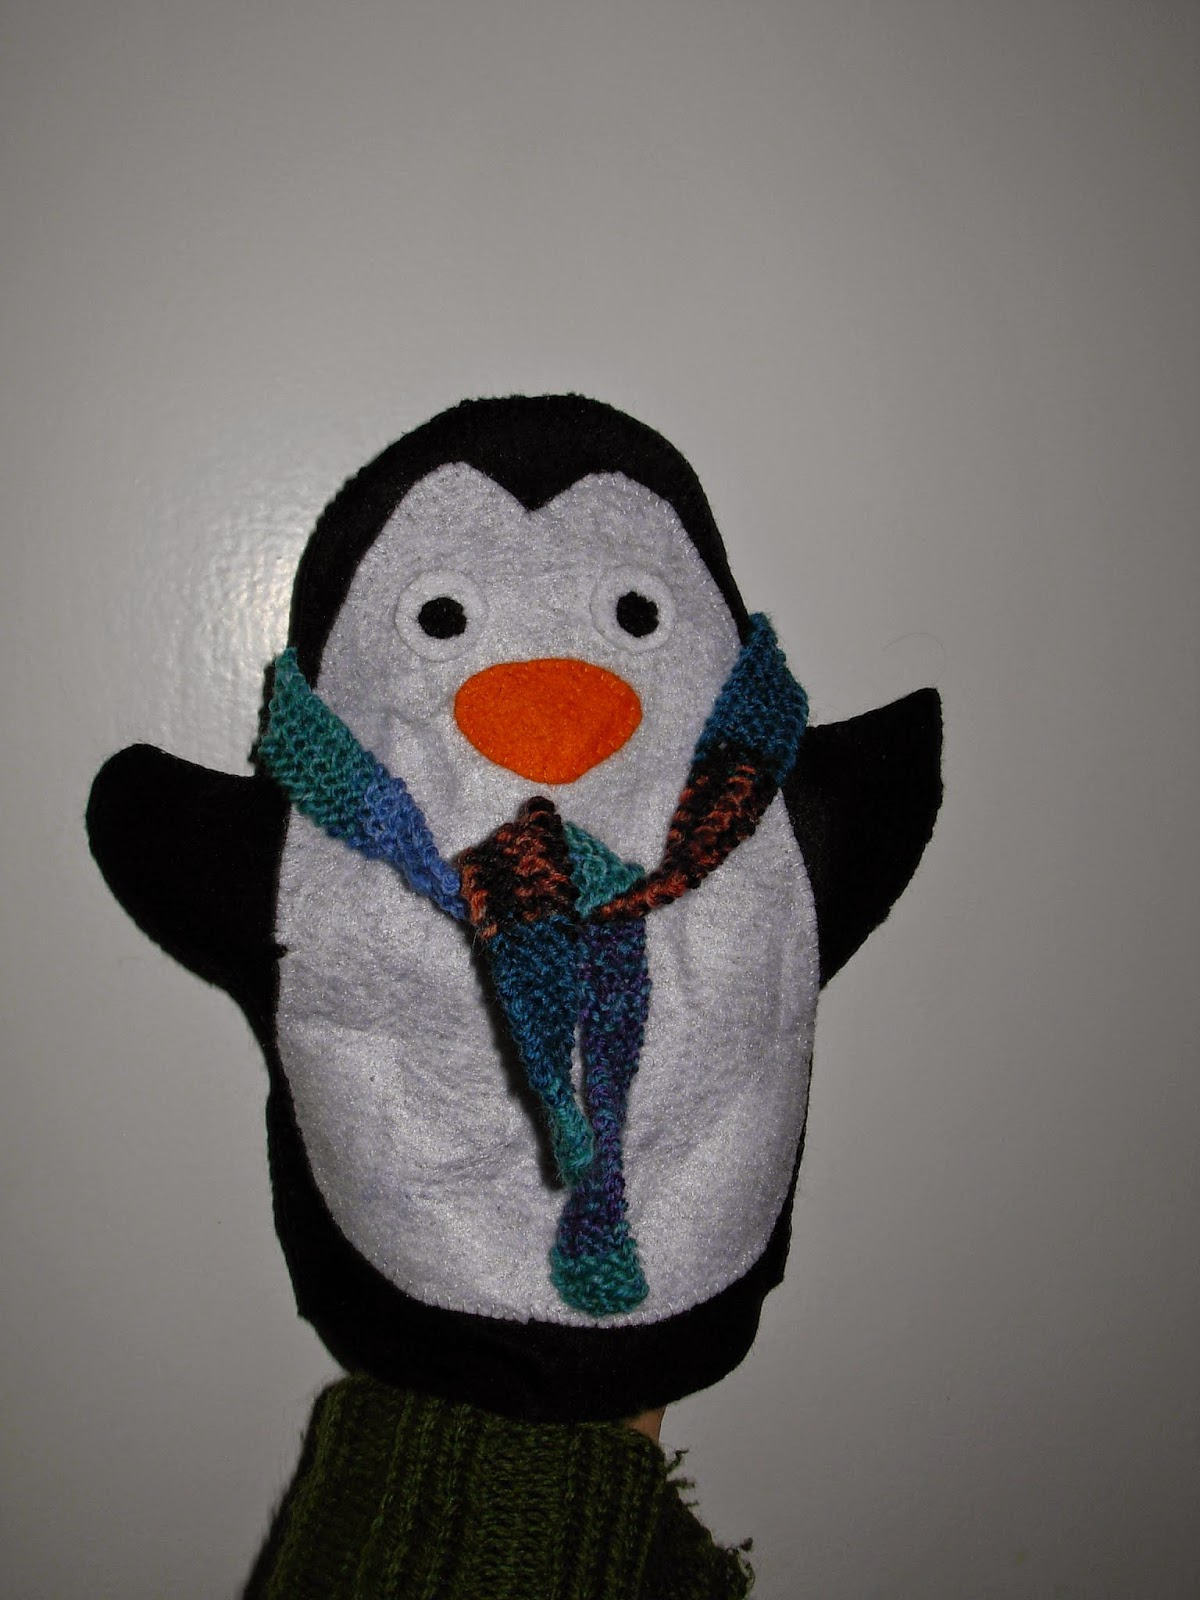 selbst gemachte Handpuppe zum Thema Pinguin